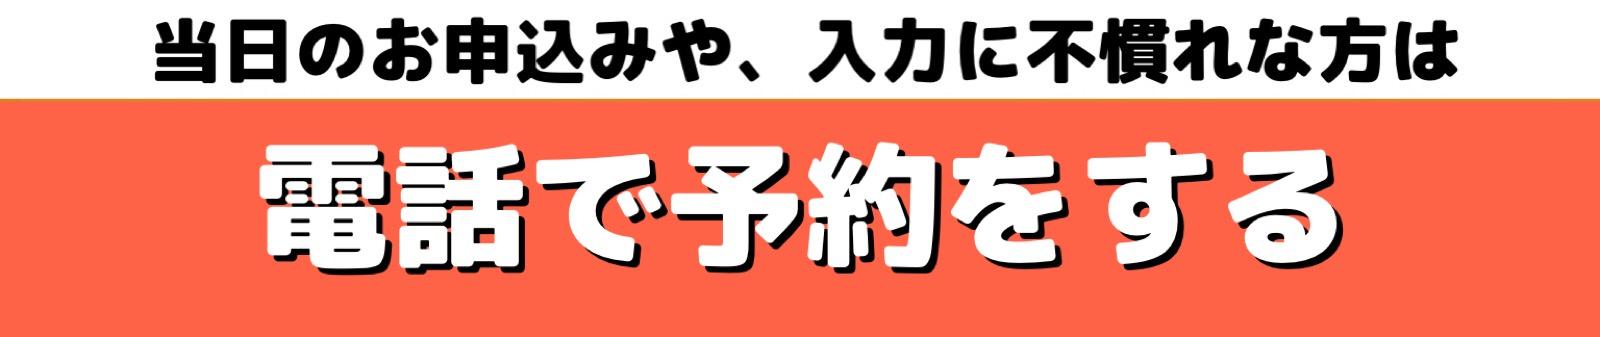 ソメイユ横浜電話予約